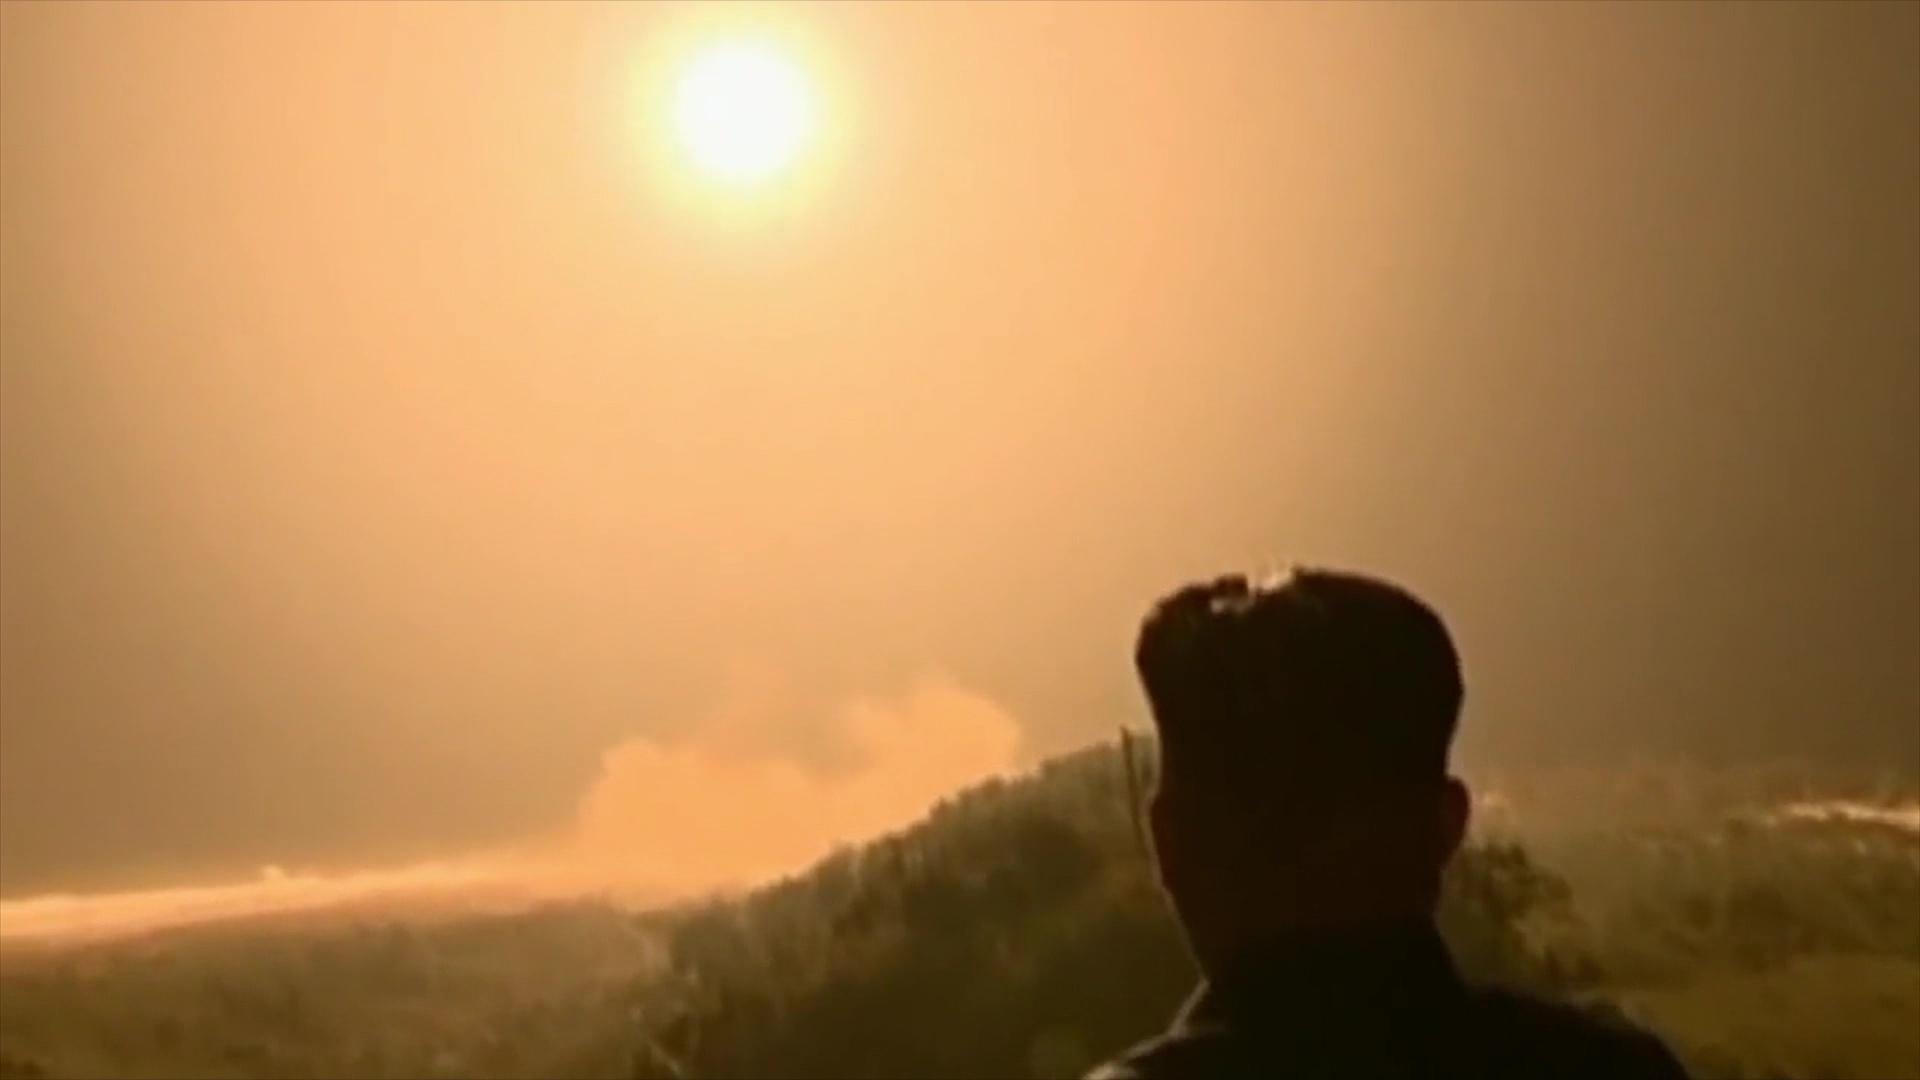 Lojërat Olimpike Dimërore/SHBA s'përjashton takimin me përfaqësues të Koresë së Veriut